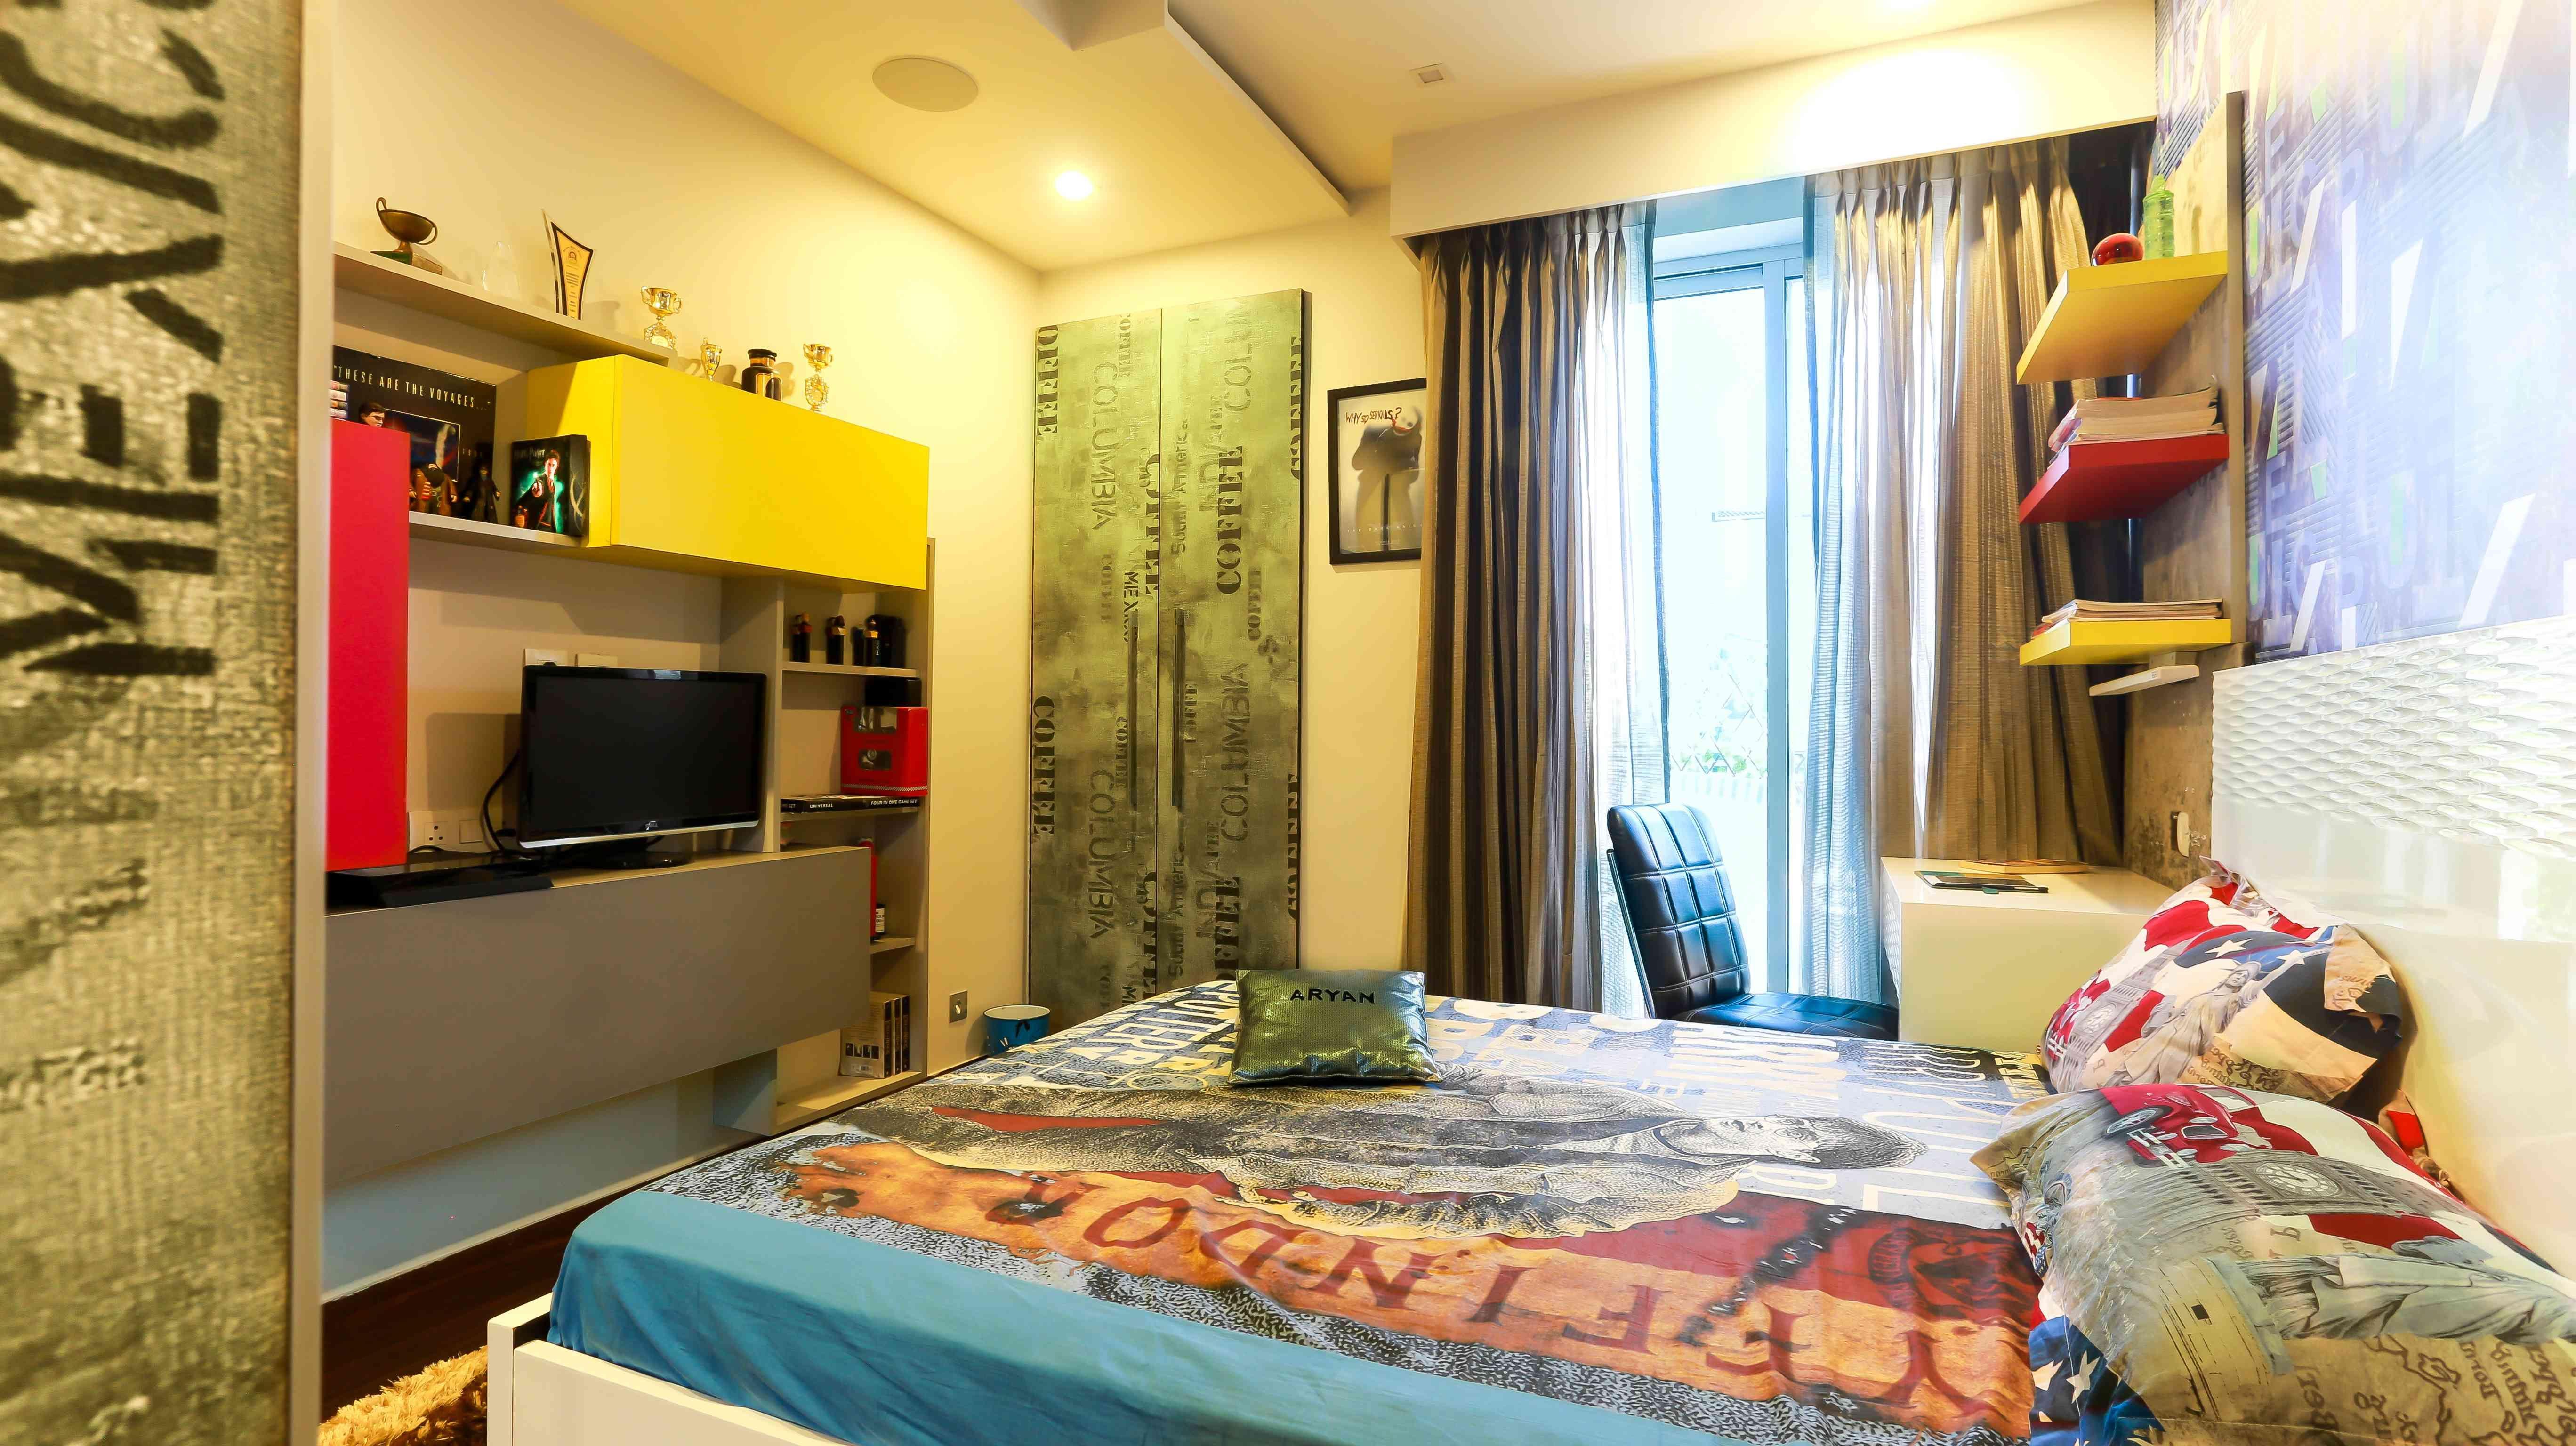 Teens bedroom design by Meenu Agarwal | Modern Small Bedroom Designs ...